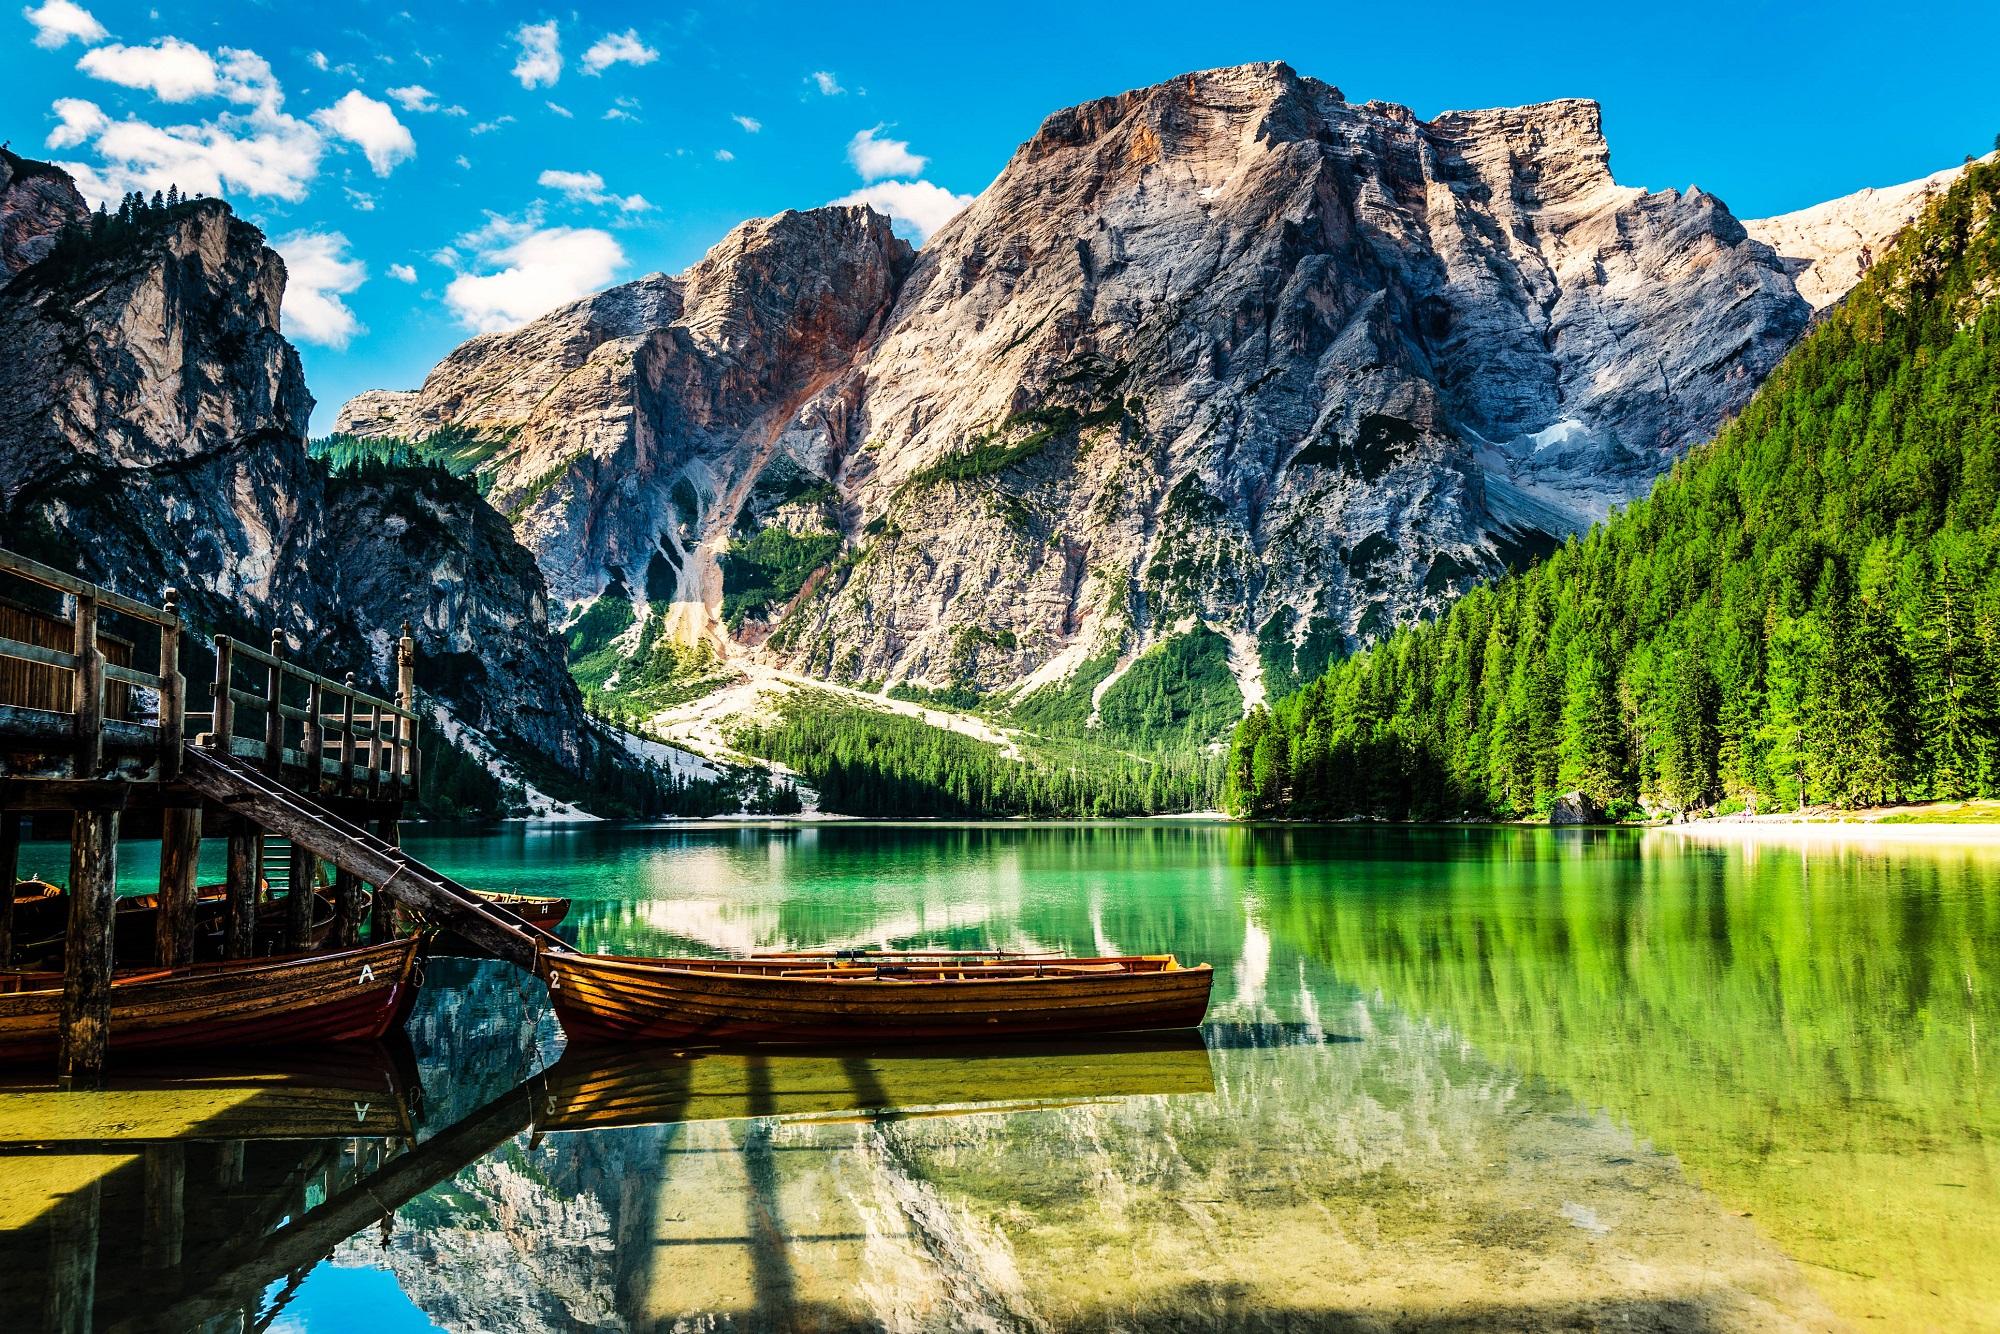 Die 5 außergewöhnlichsten Bergseen | Urlaubsguru.at